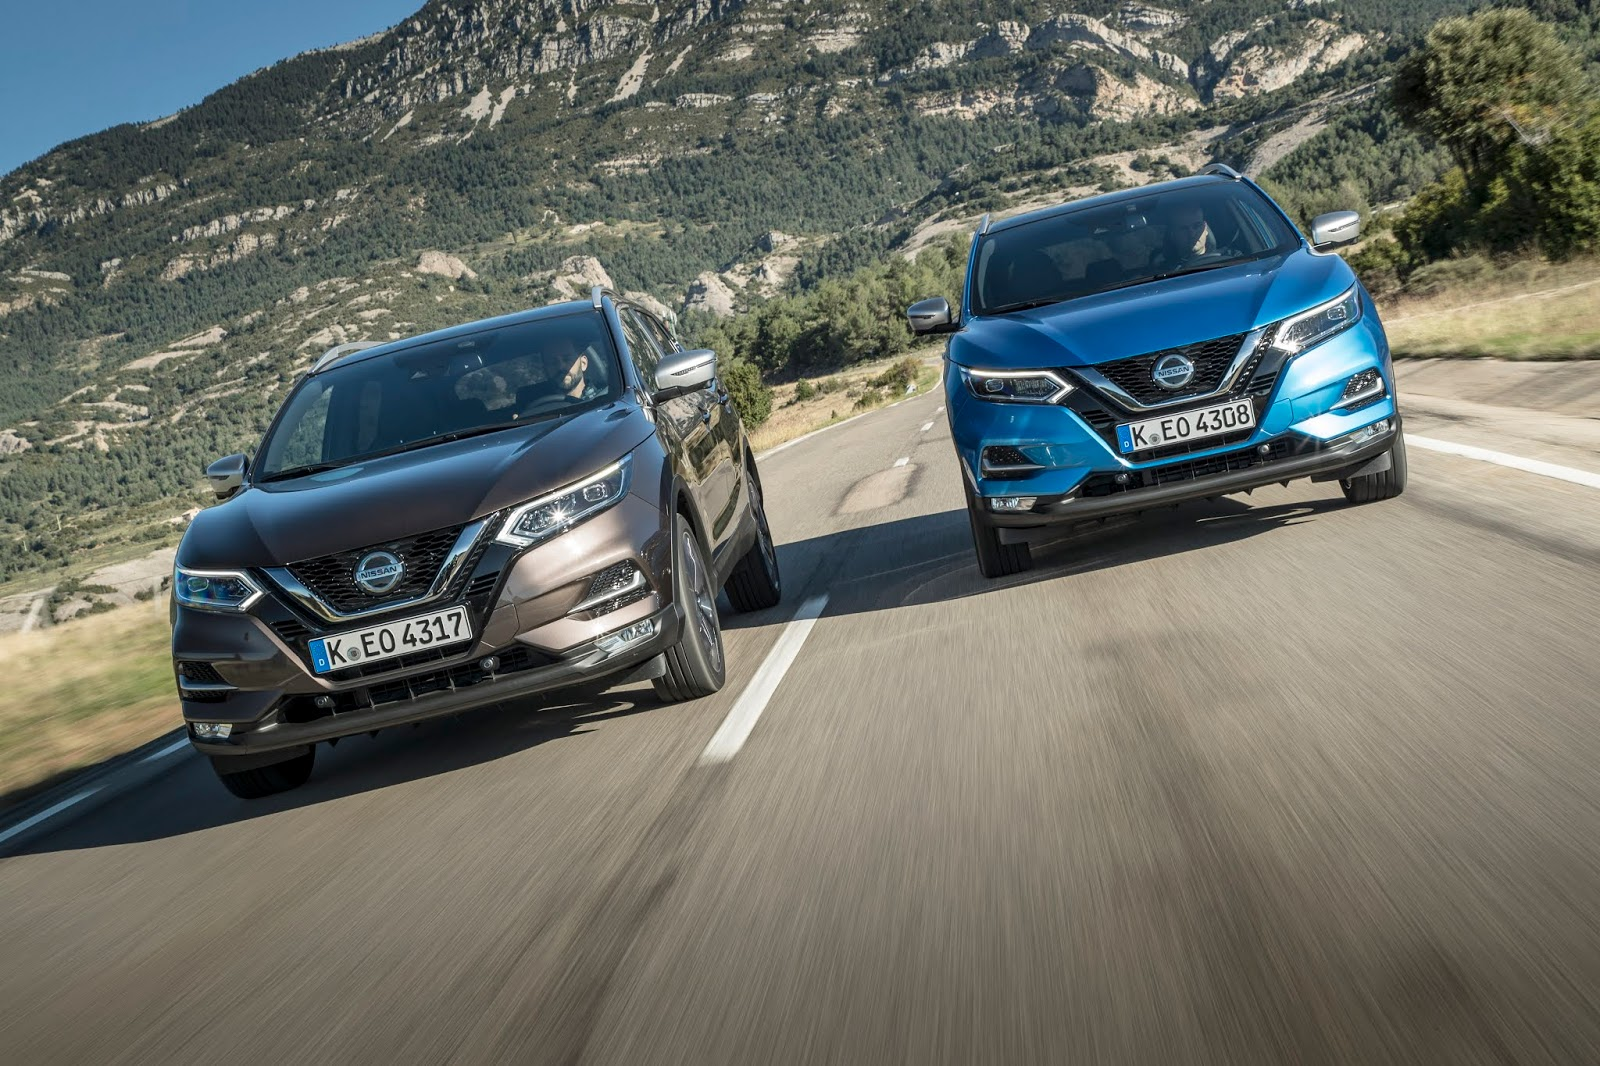 To Nissan Qashqai κατέκτησε τον τίτλο του Καλύτερου Αυτοκινήτου Βρετανικής Κατασκευής